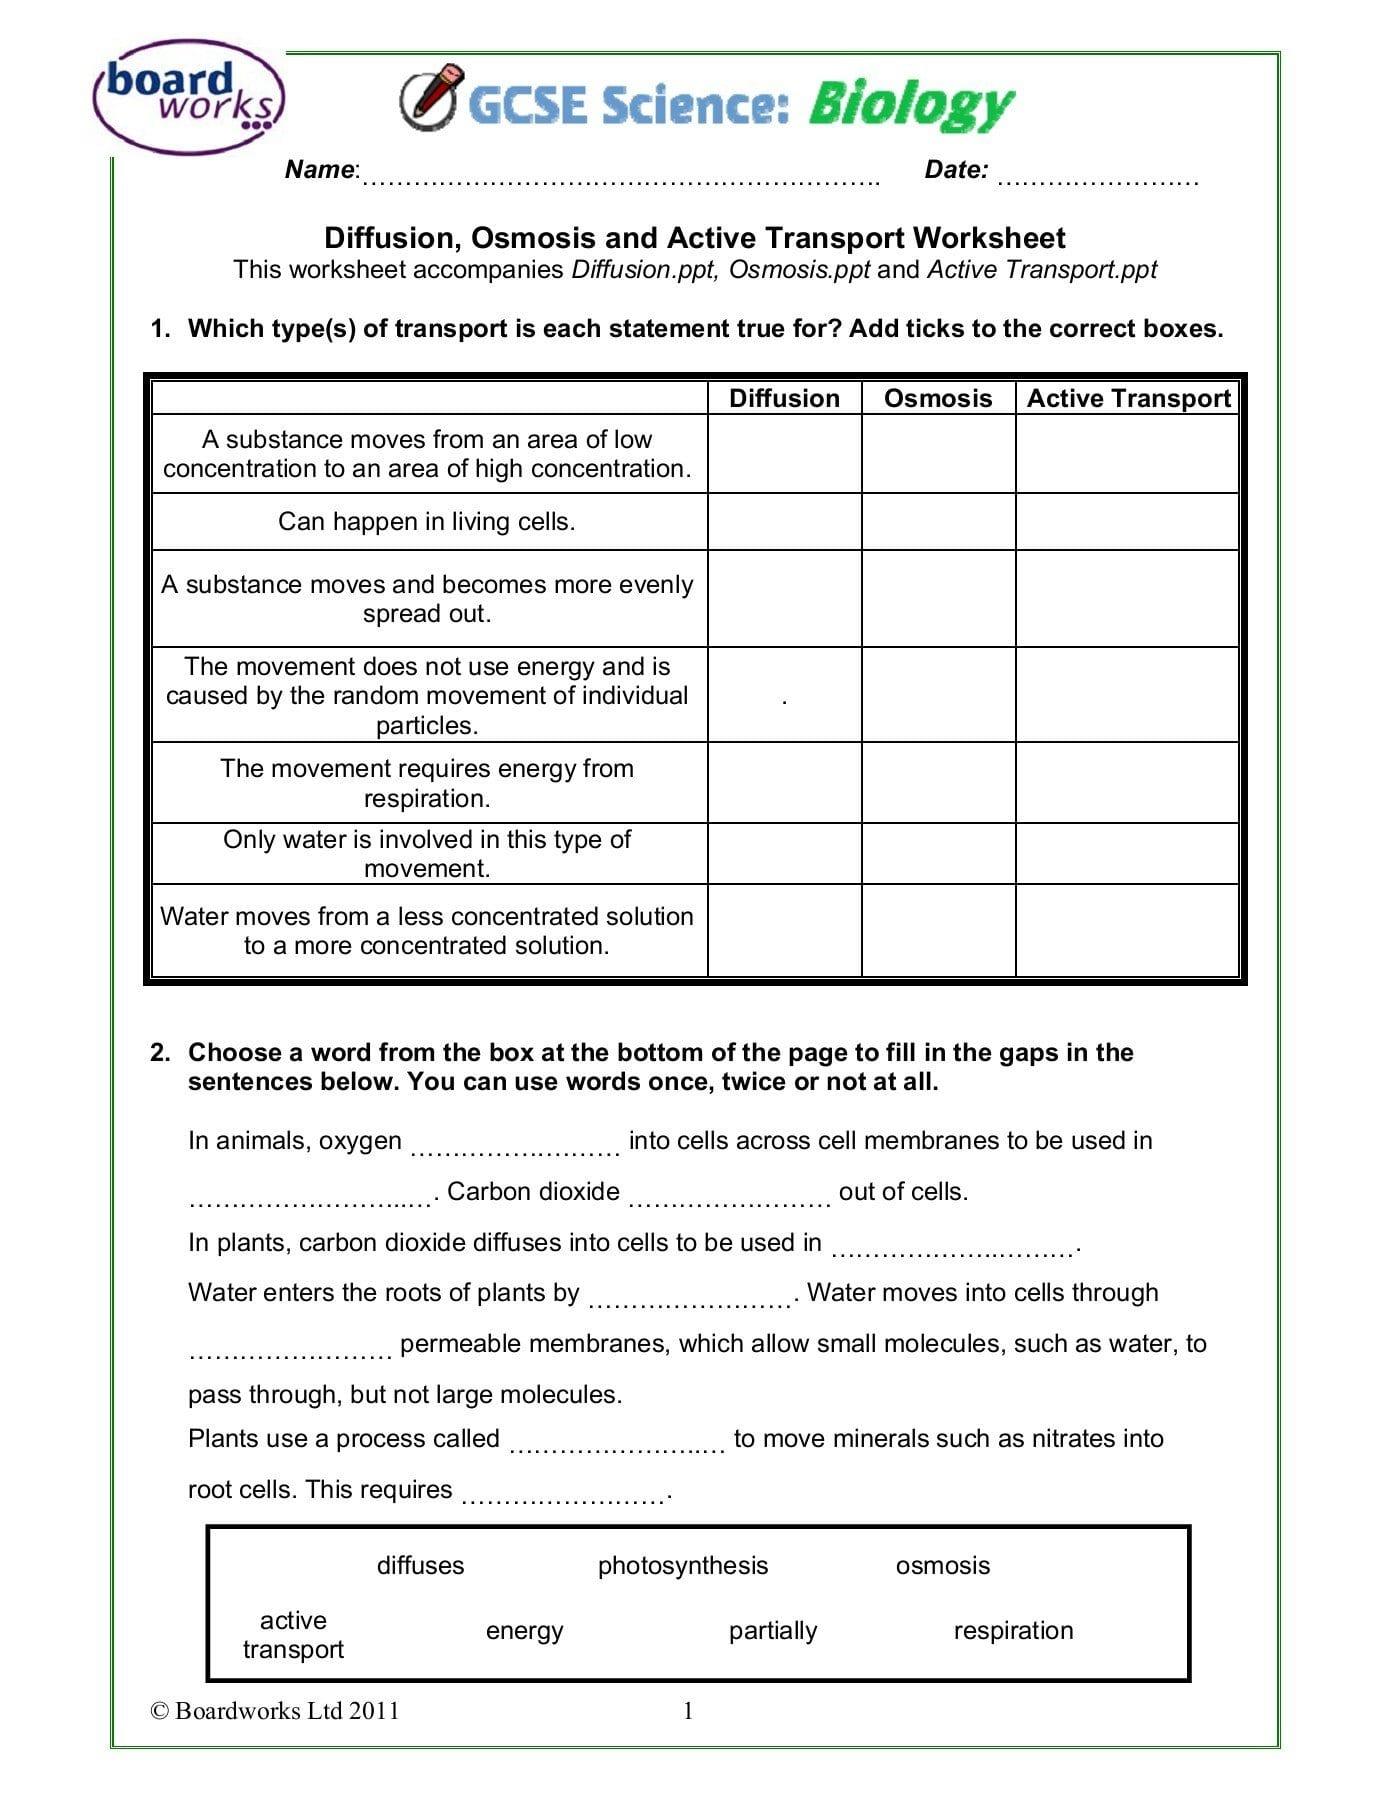 Active Transport Worksheet